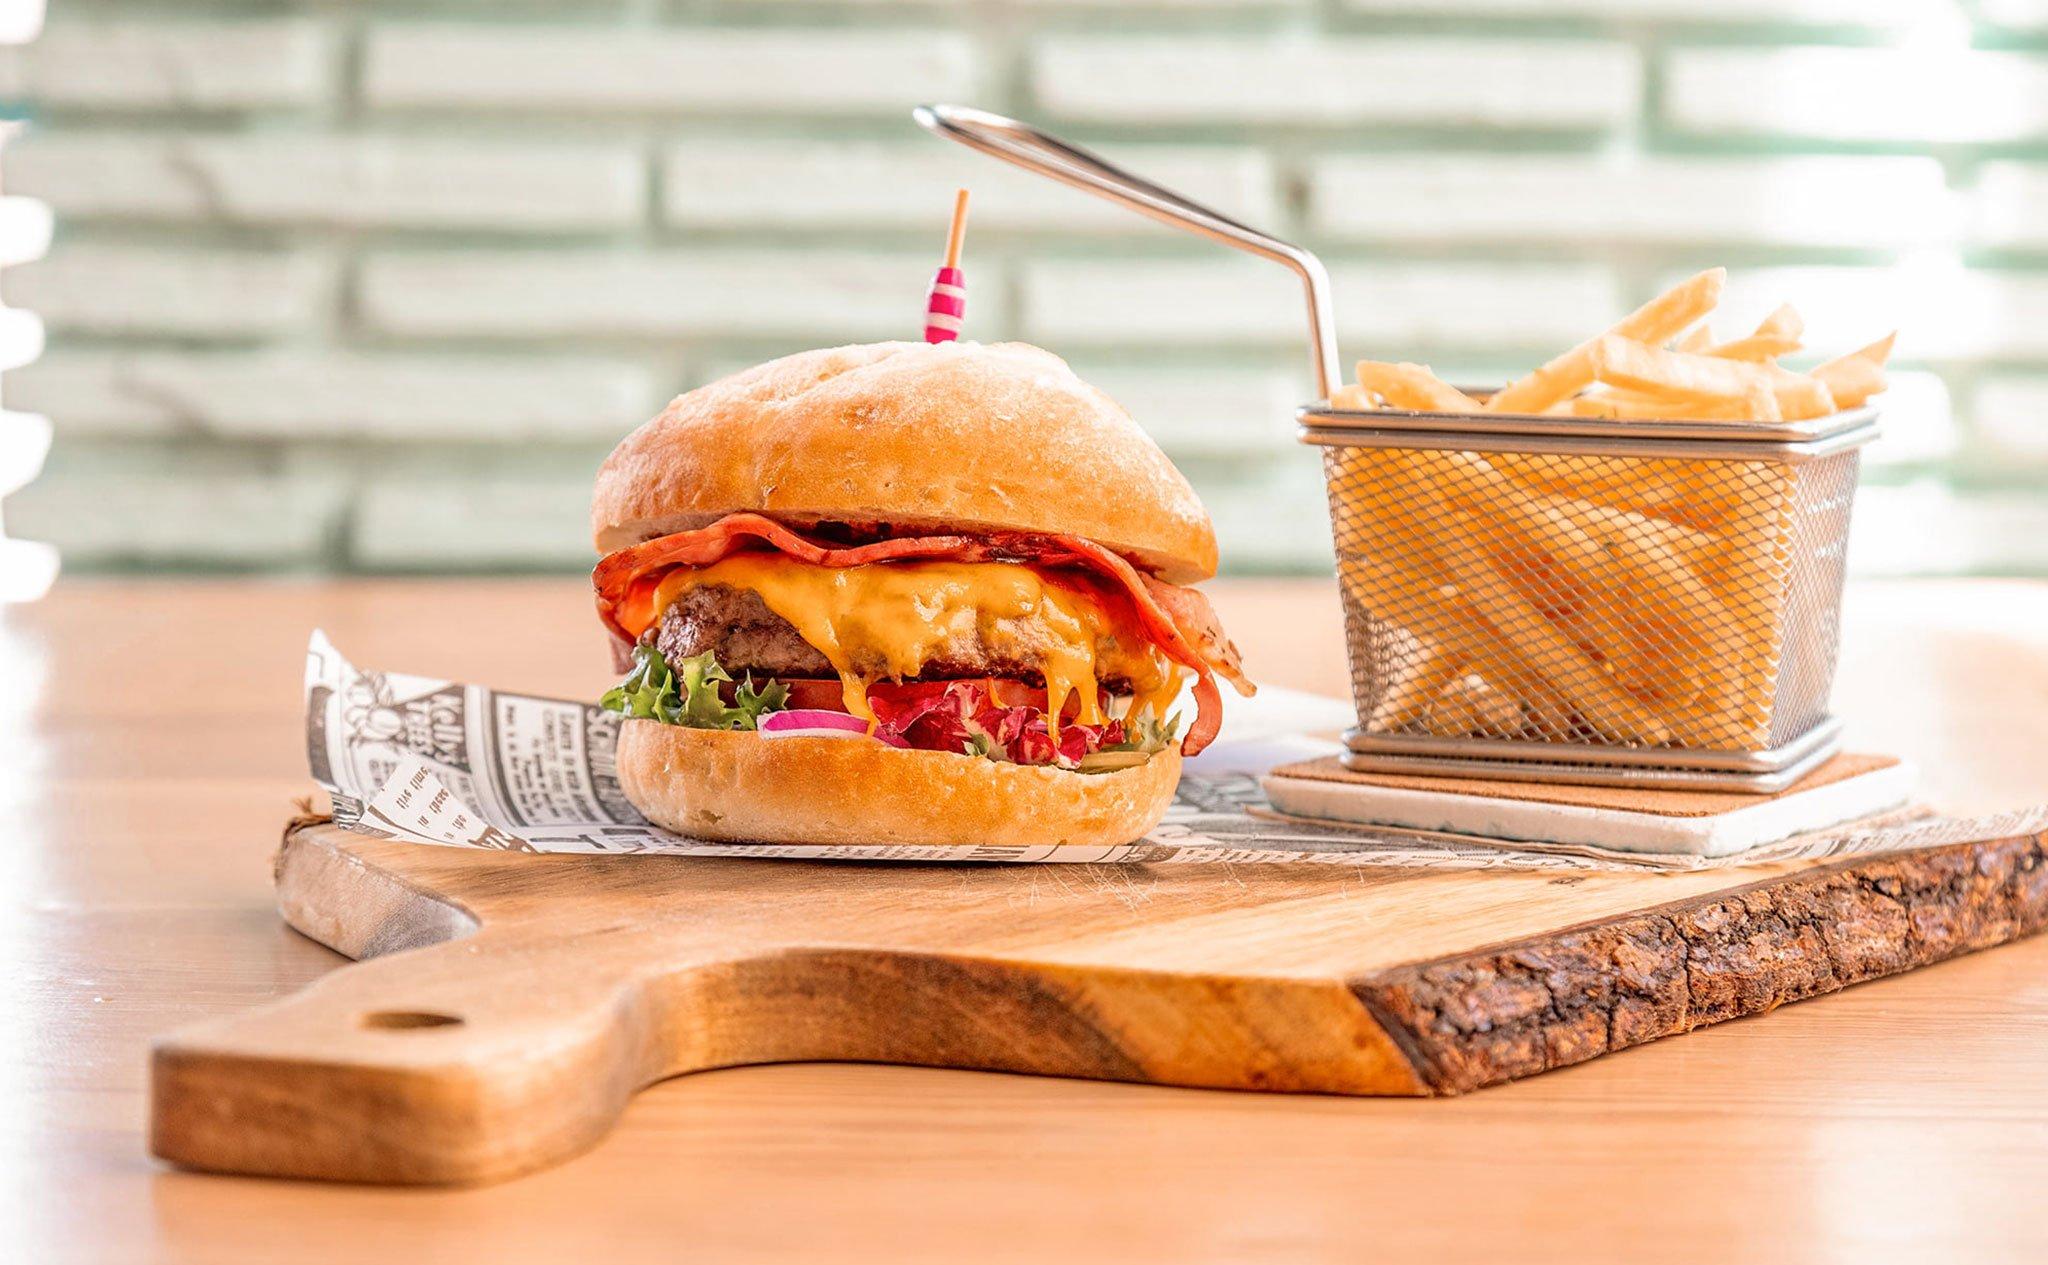 Burgers à emporter ou avec livraison à domicile à Jávea - Restaurant Ammos